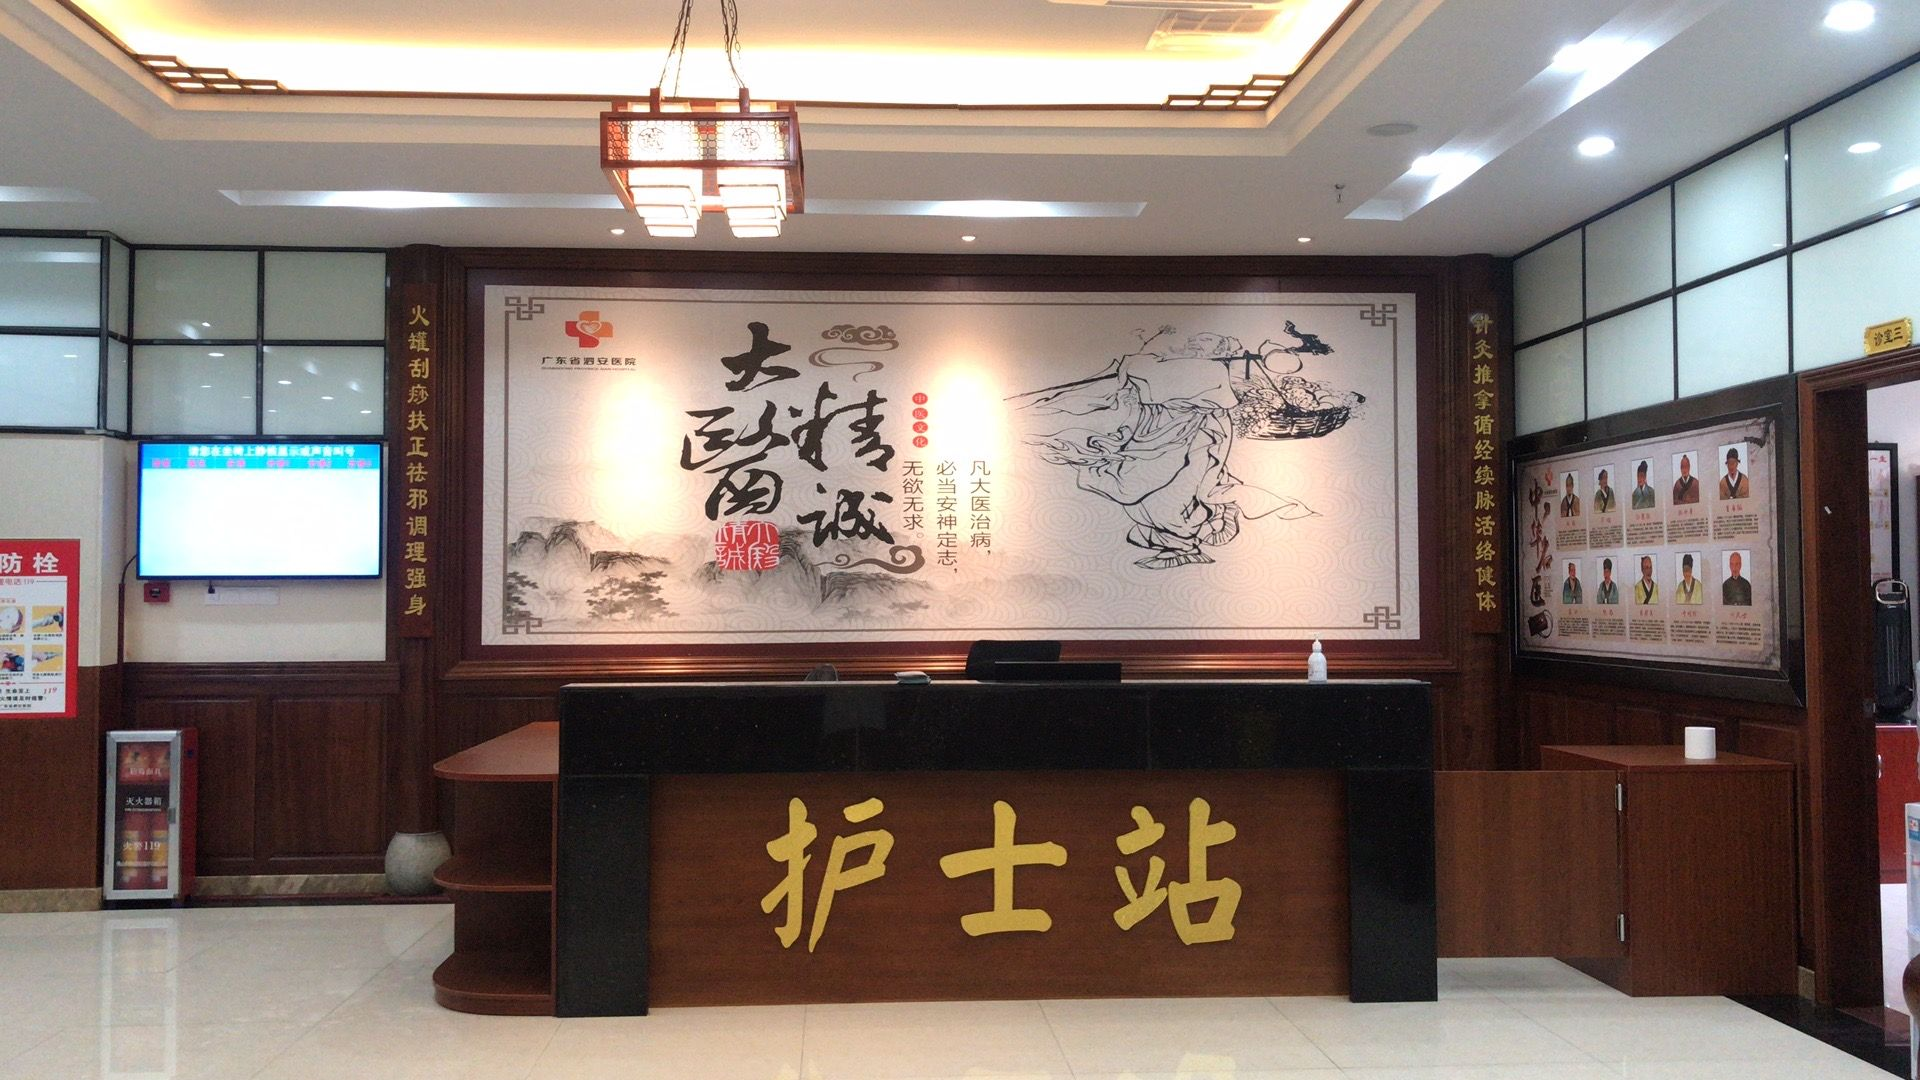 广州泗安医院医生称诊室甲醛超标遭院长辱骂 涉事院长被免职